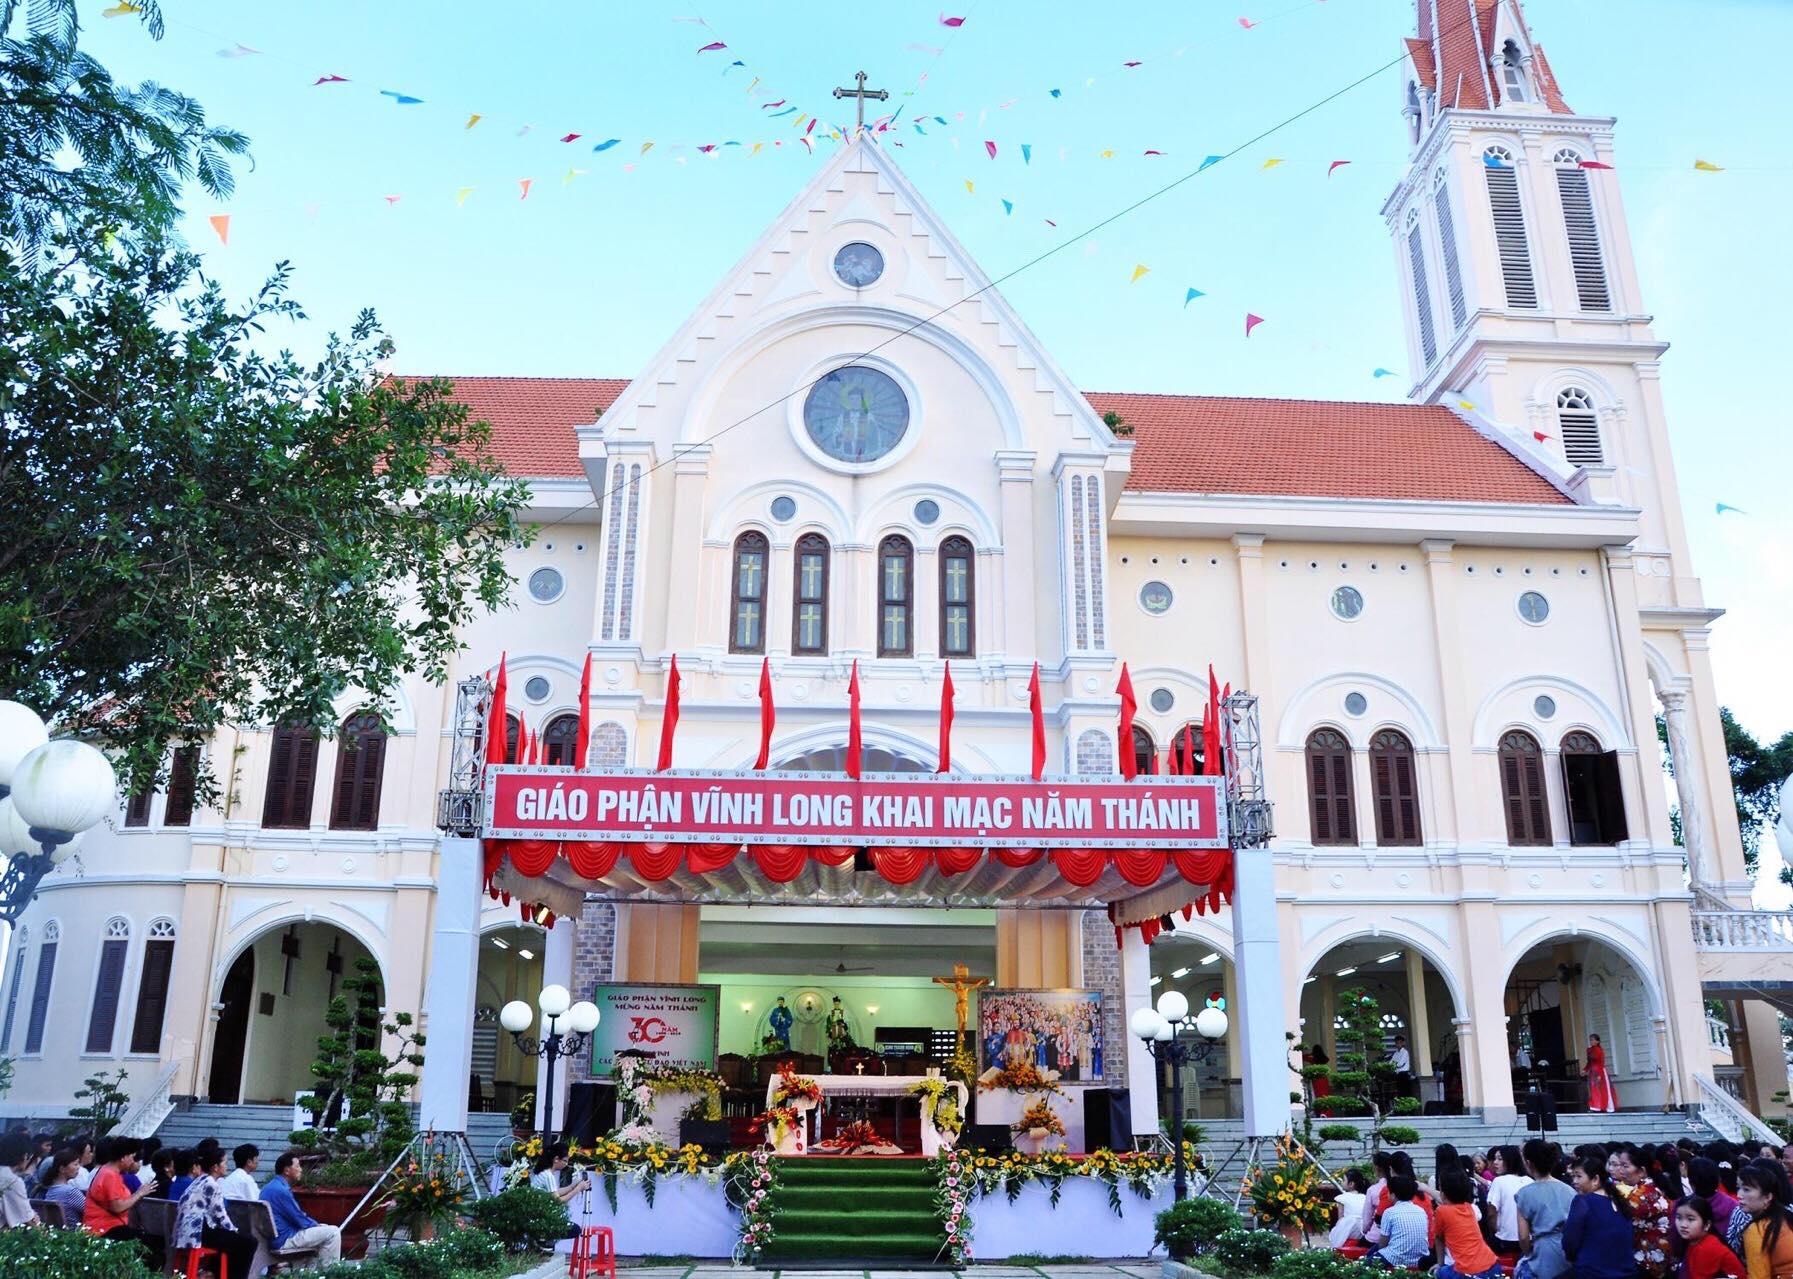 Giáo phận Vĩnh Long: Đêm trước ngày khai mạc Năm Thánh kính các Thánh tử đạo Việt Nam